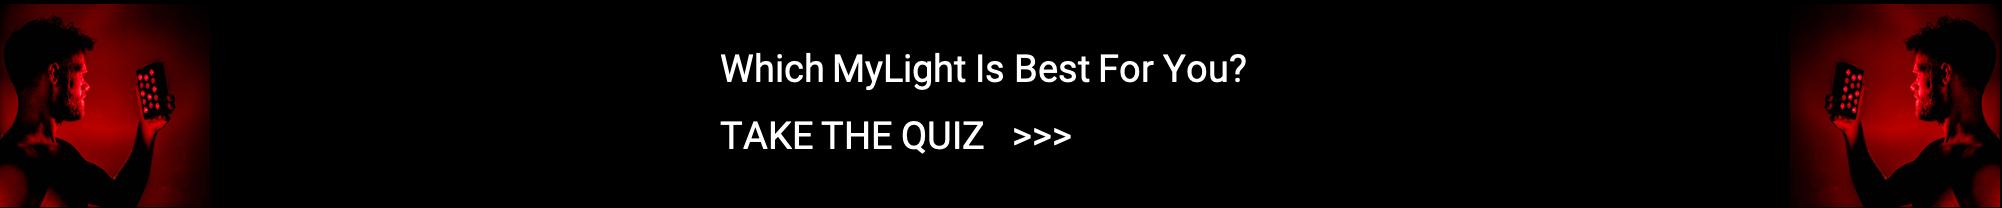 https://mychondria.com/pages/quiz